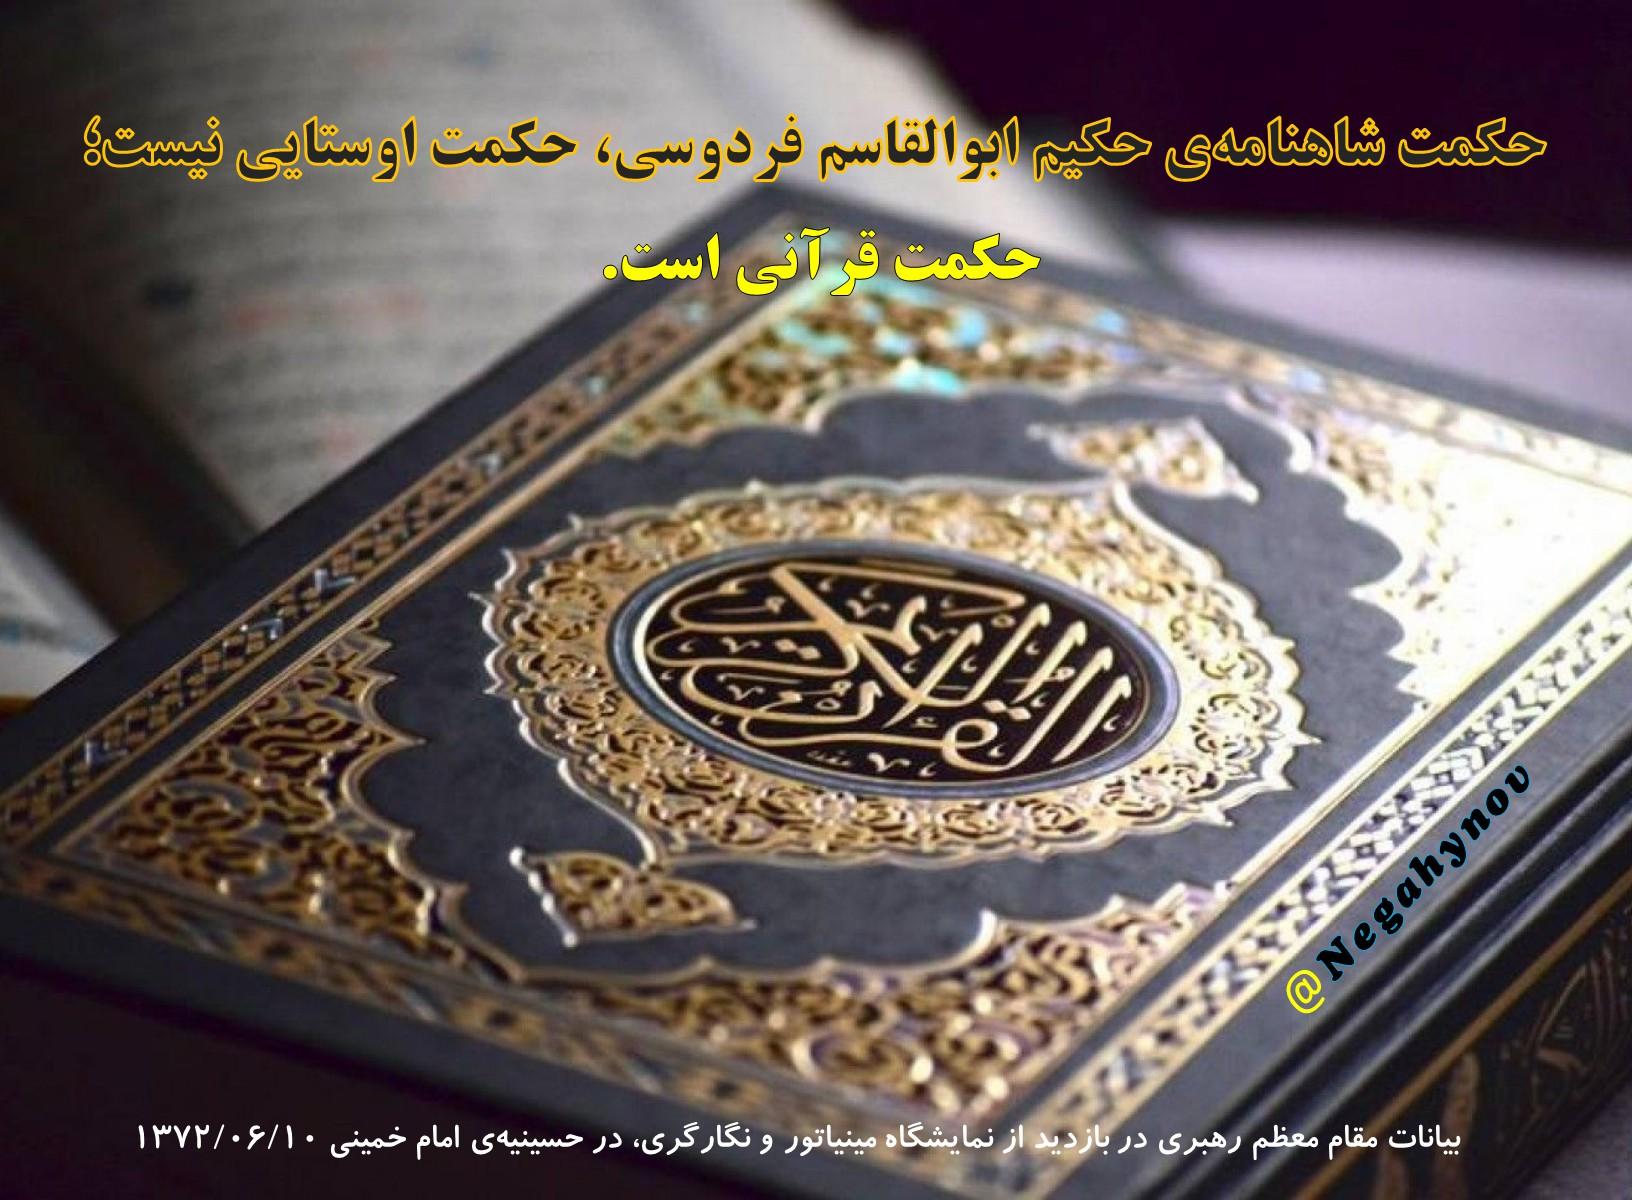 حکمت قرآنی شاهنامه - نگاهی نو